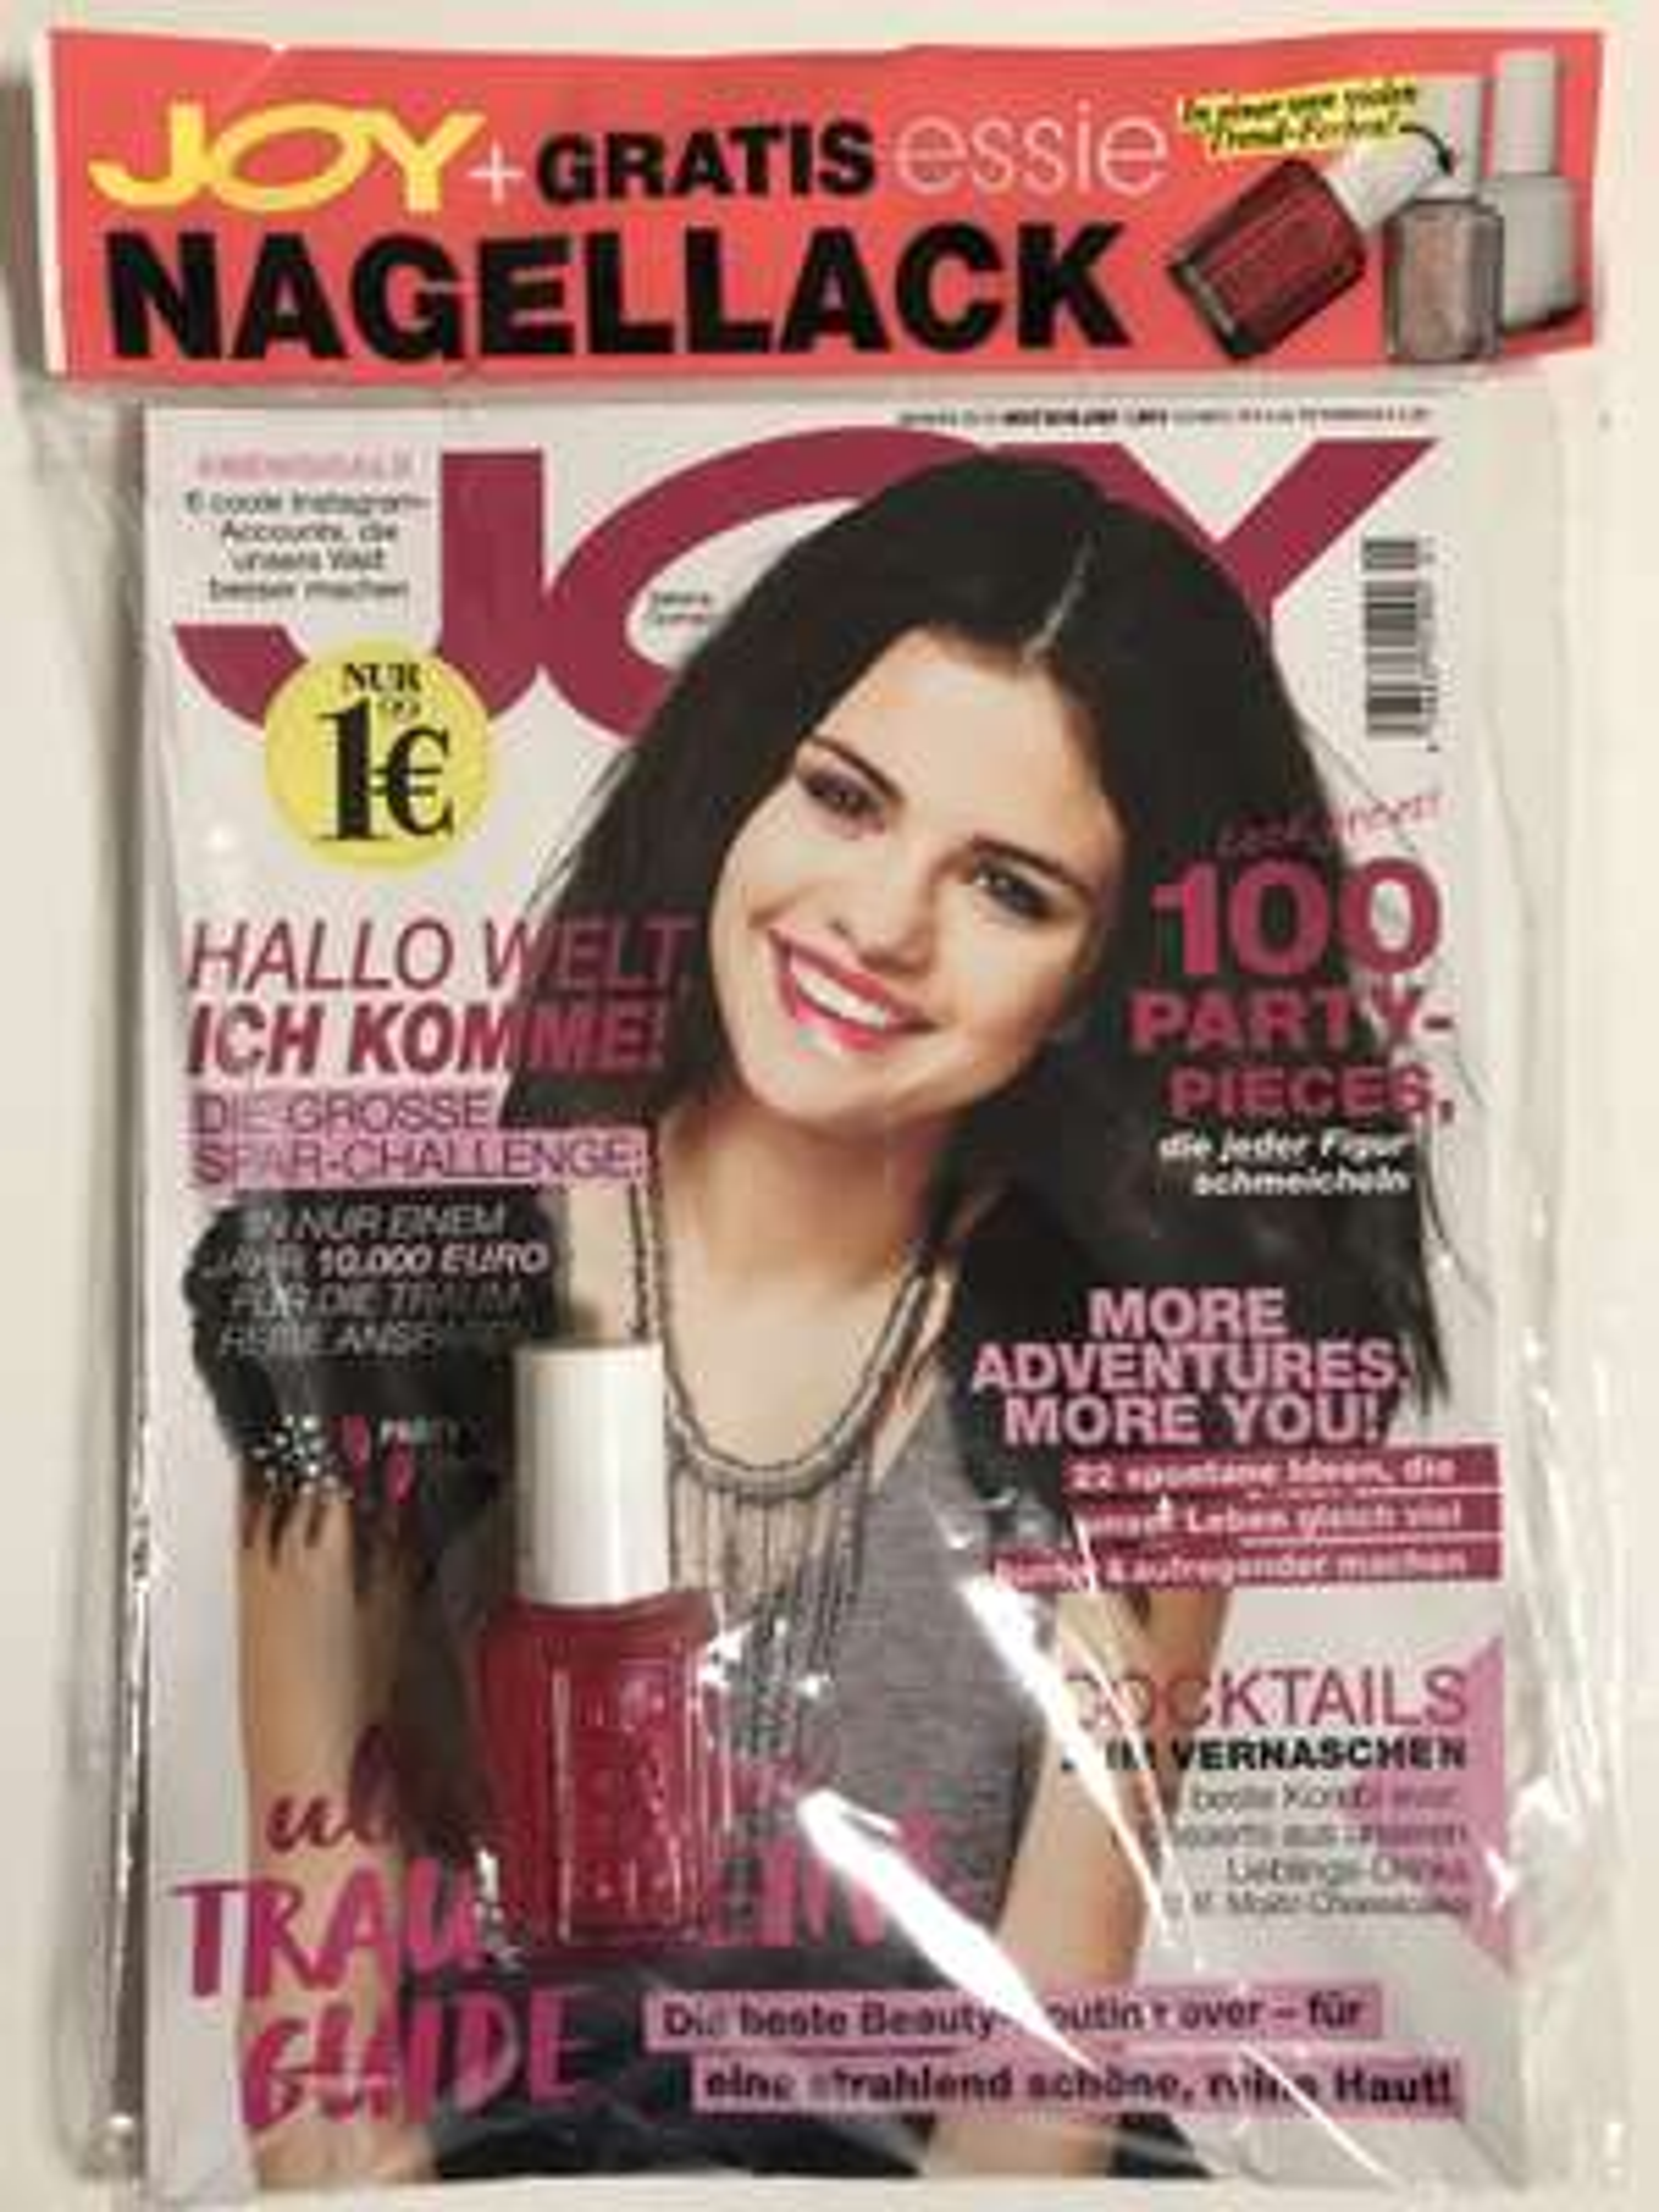 Gratis Essie Nagellack in der JOY Zeitschrift Jan. 19